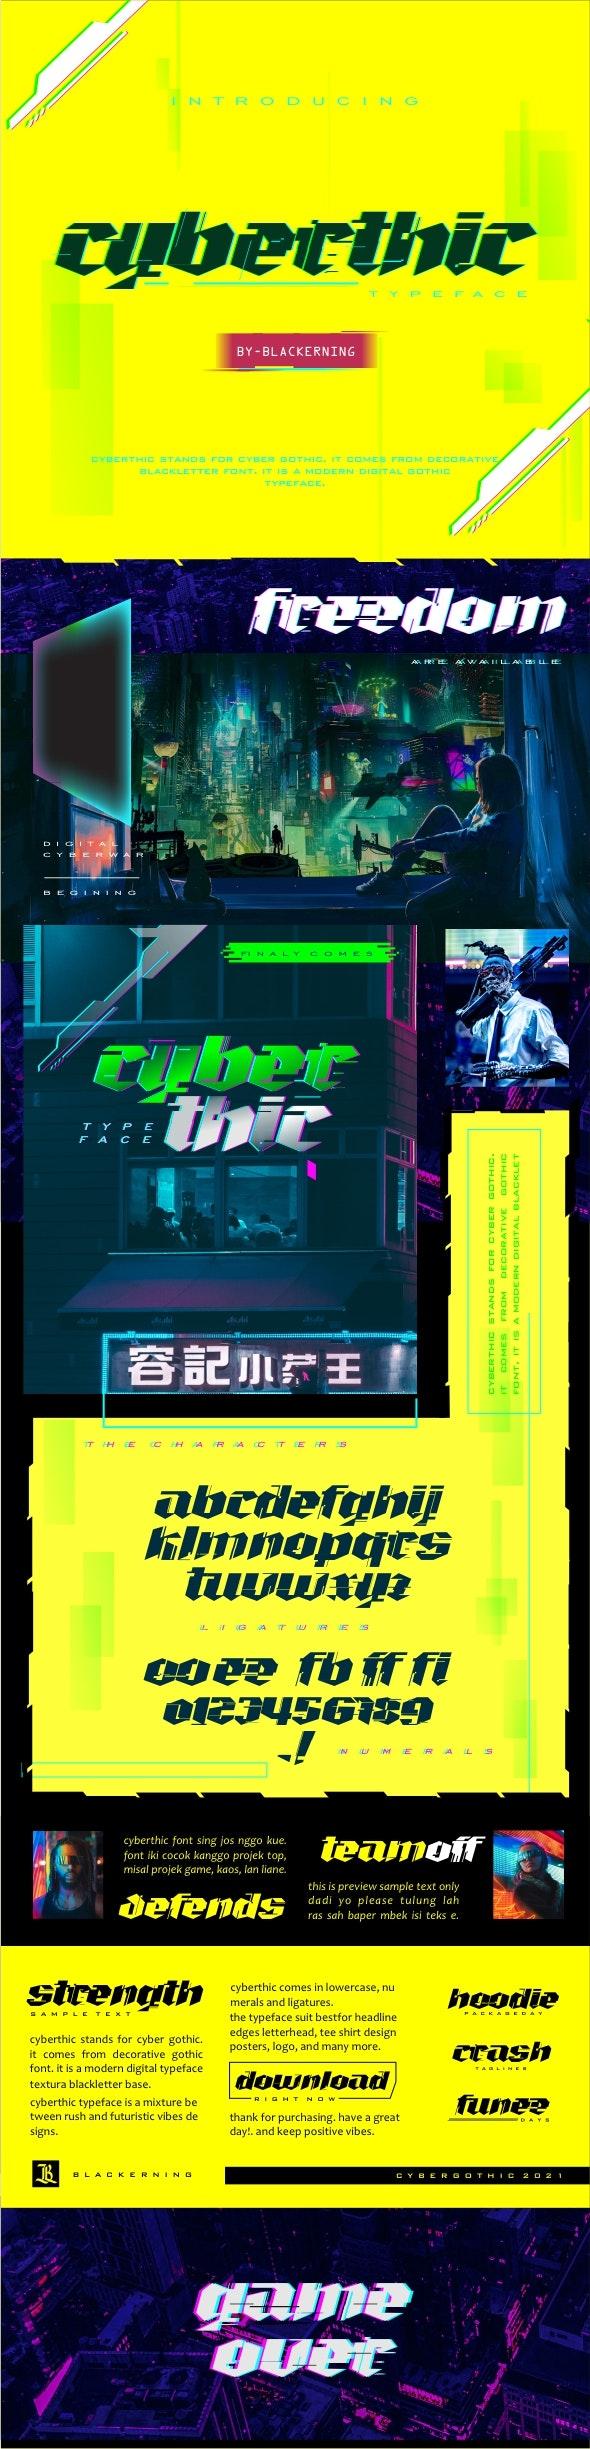 Cyberthic - Futuristic Decorative